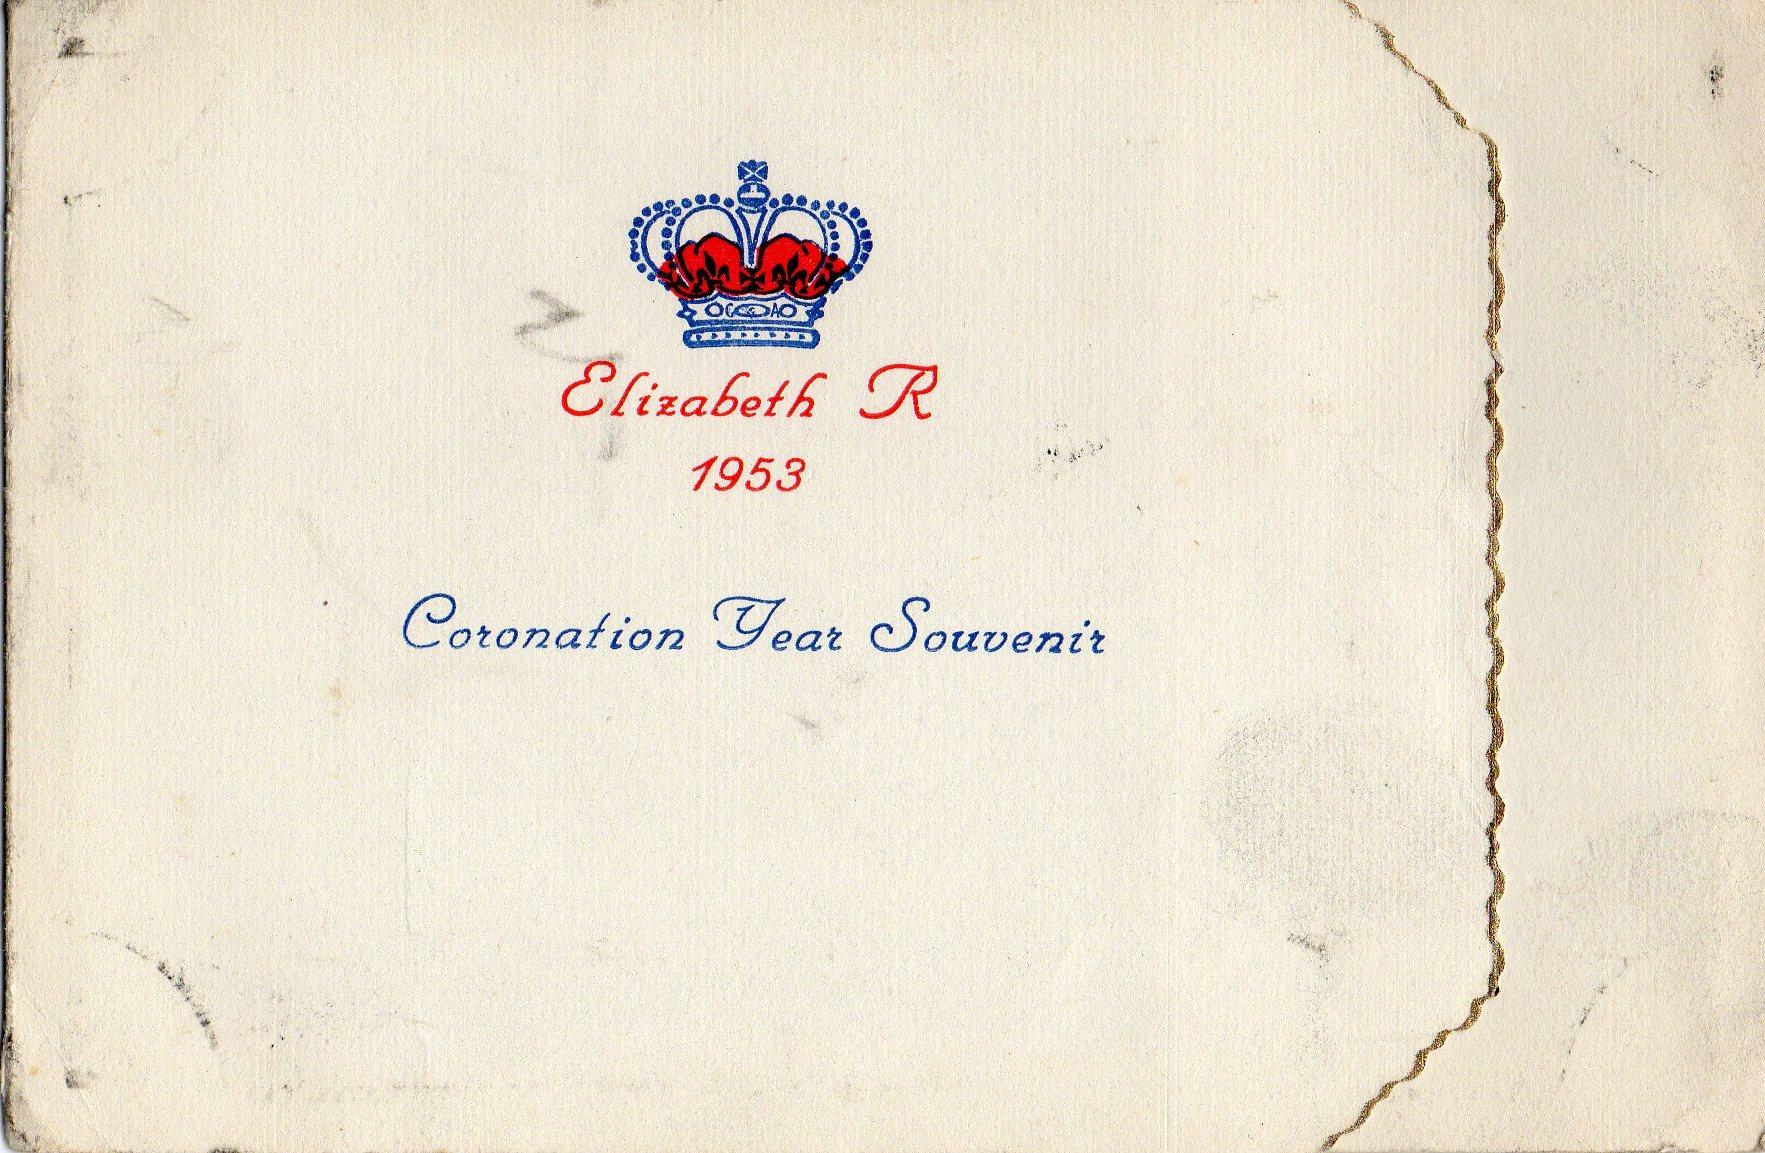 X151a_1953a_Coronation_Elizabeth-R_Street Party_Drews Holloway South